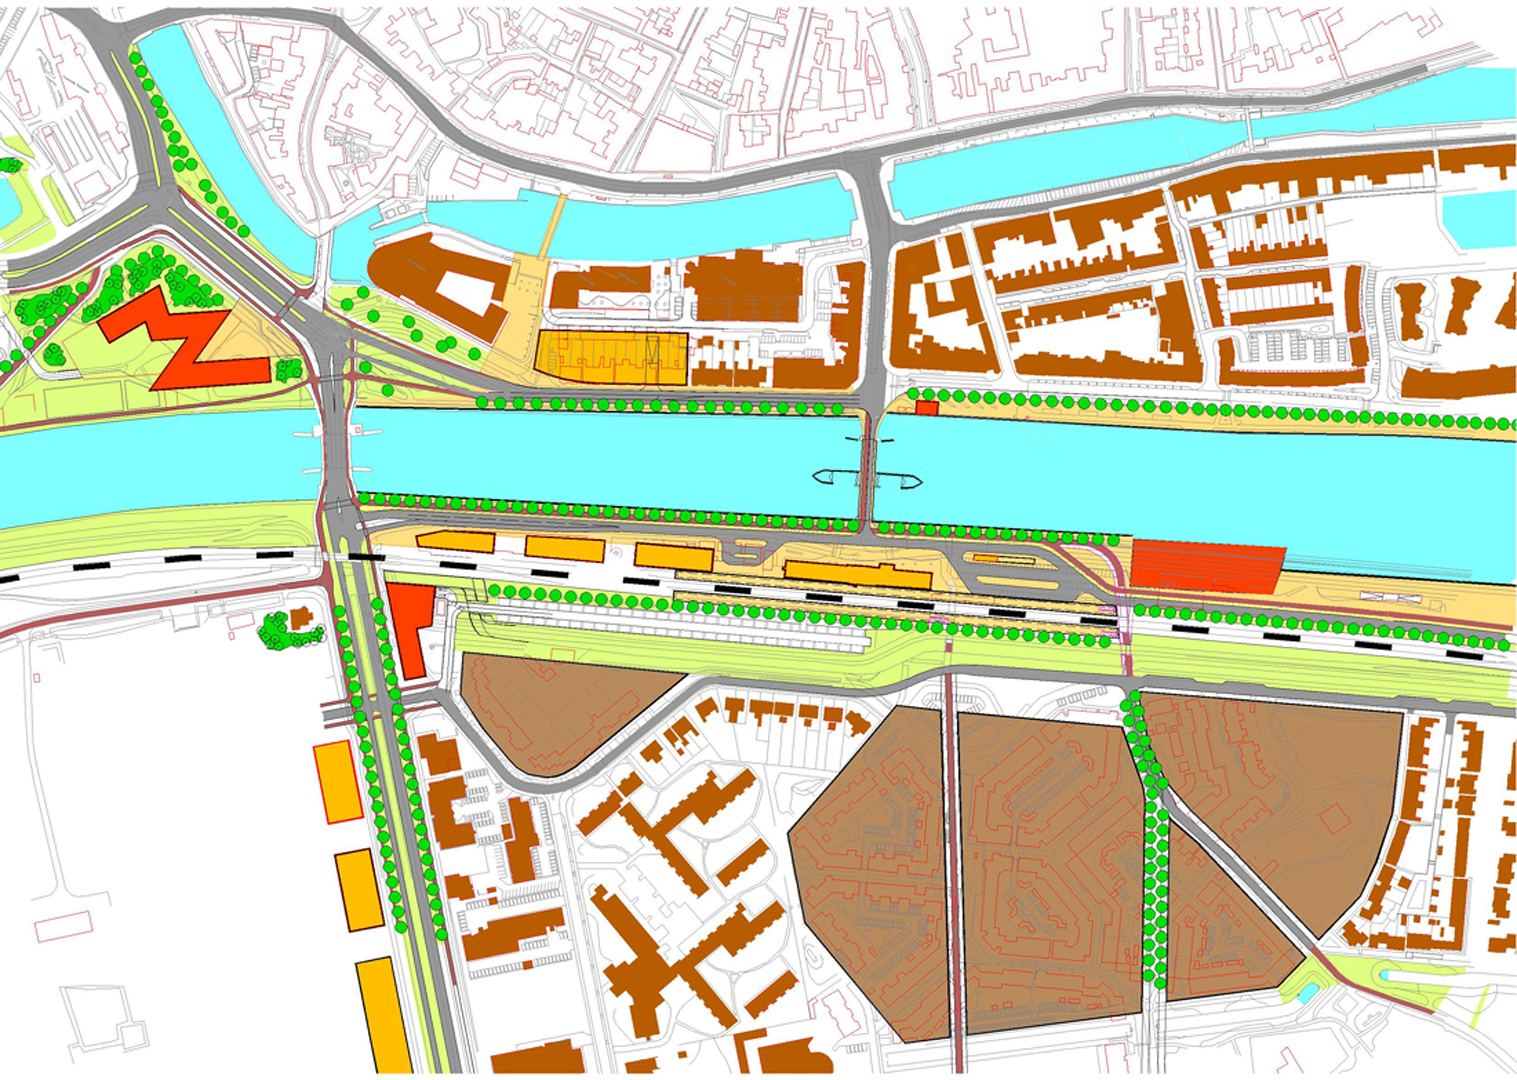 W1841 Stedenb plan Kantoren Middelburg13298